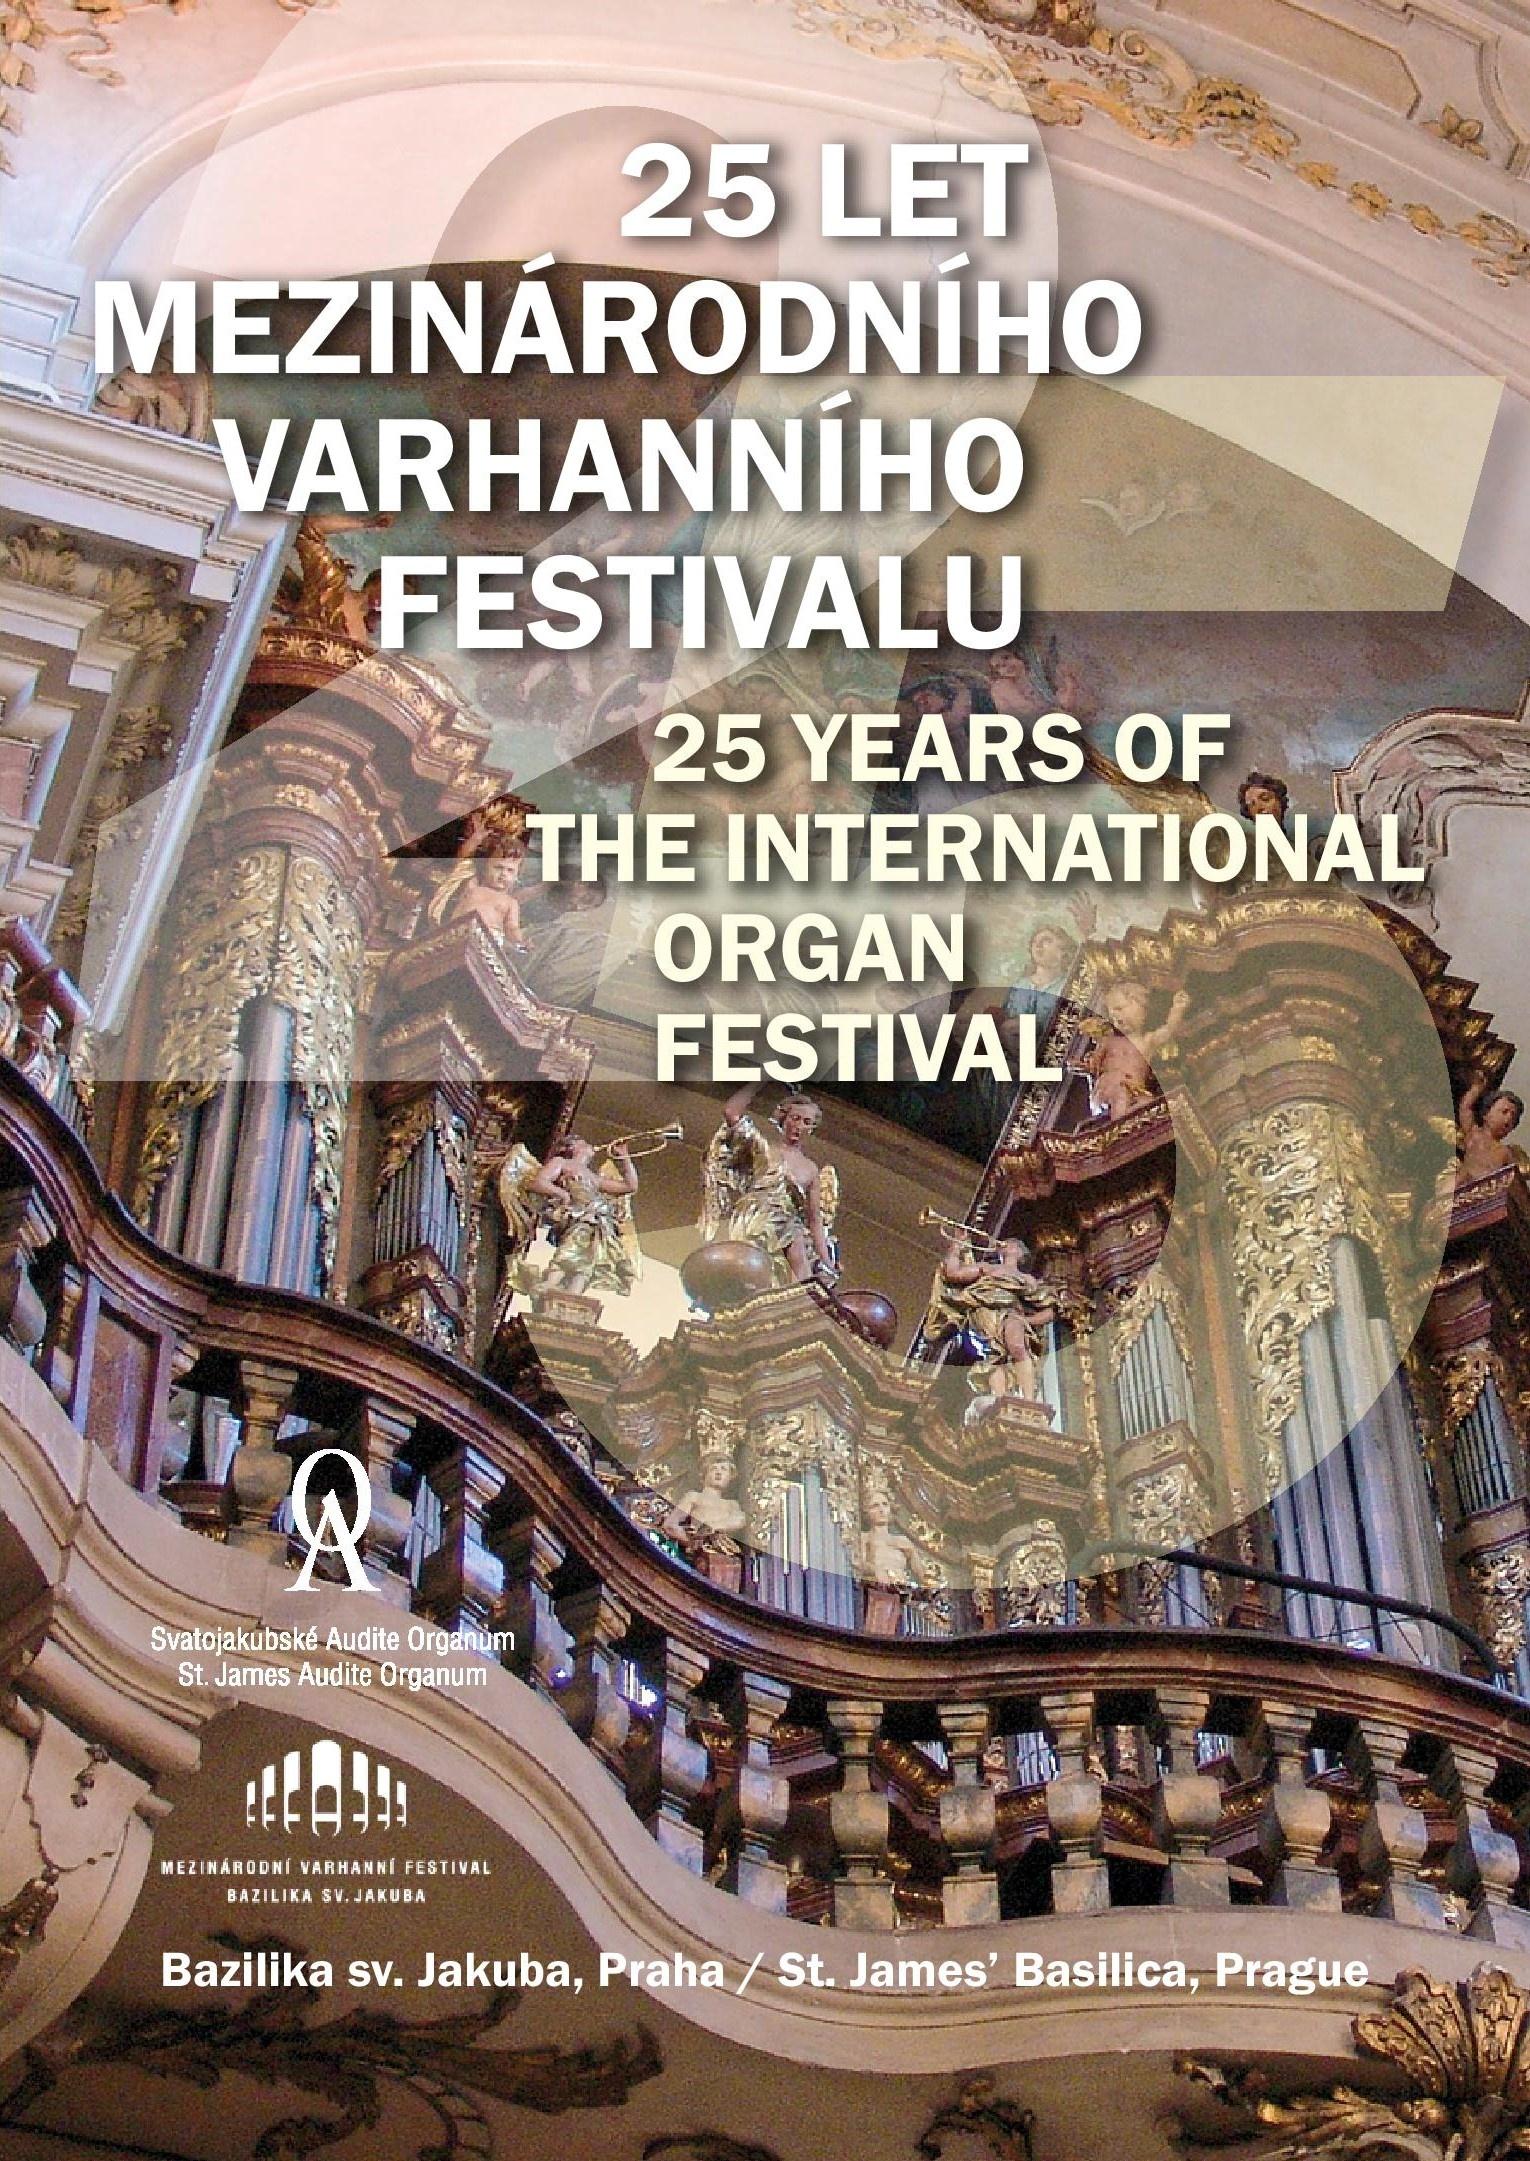 25 let Mezinárodního varhanního festivalu